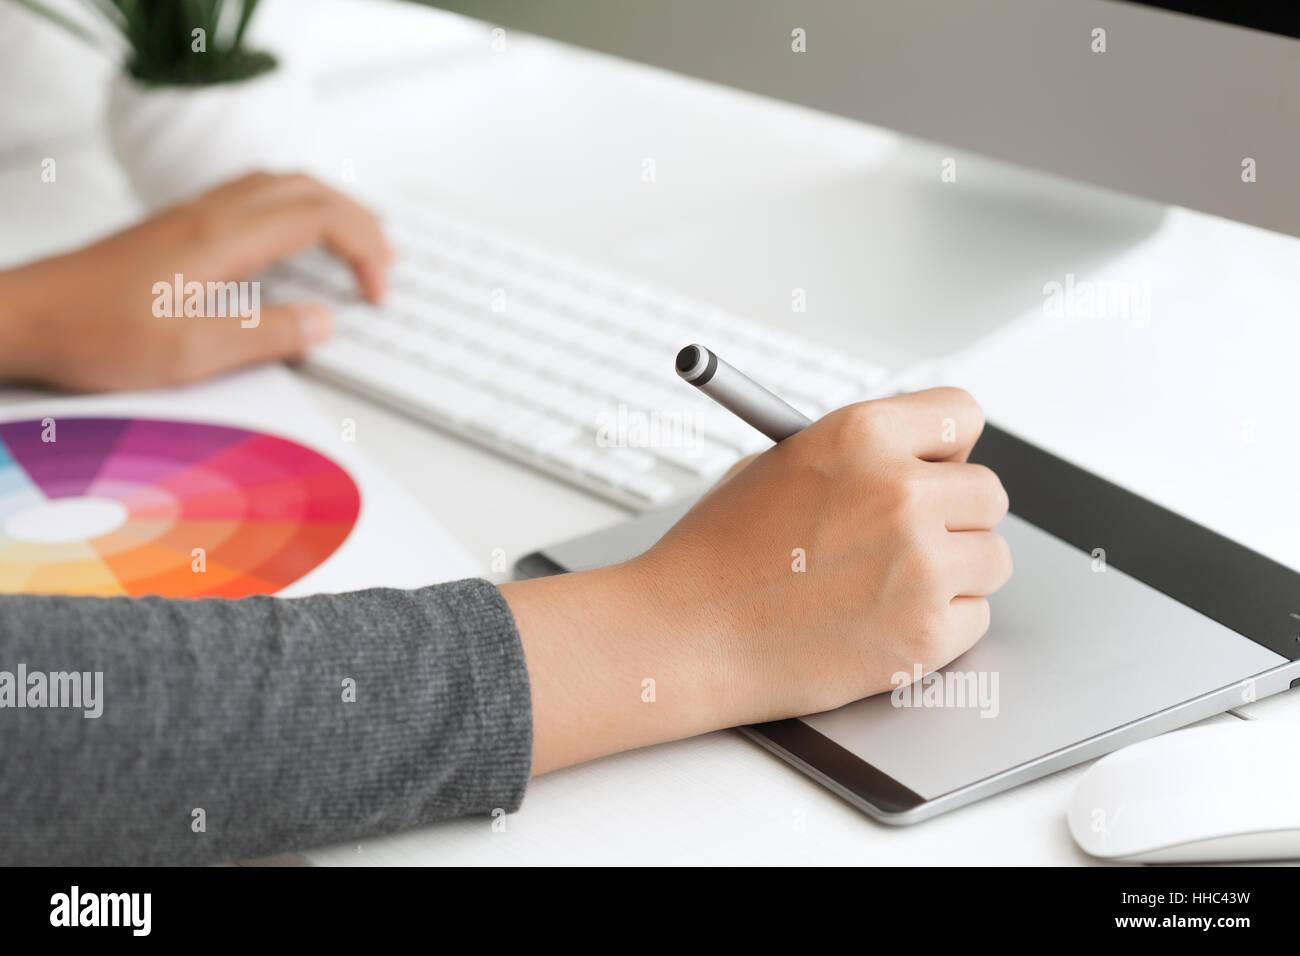 Grafik-Design mit digitalen Stifttablett am Schreibtisch Arbeitsbereich hautnah Stockbild